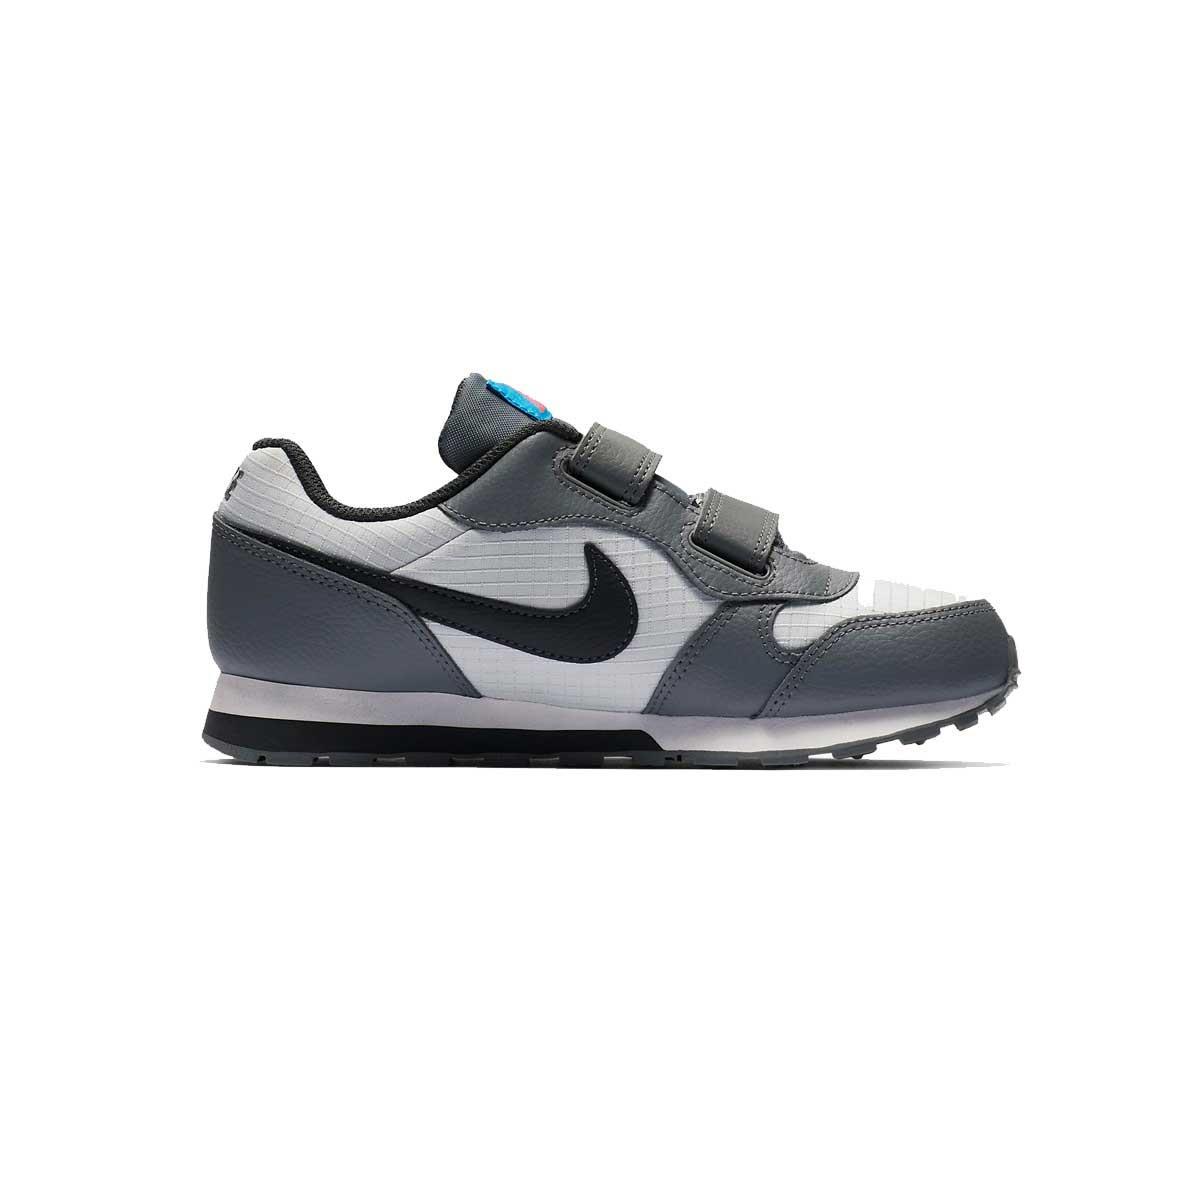 9300805754d Tênis Nike MD Runner 2 PSV Infantil